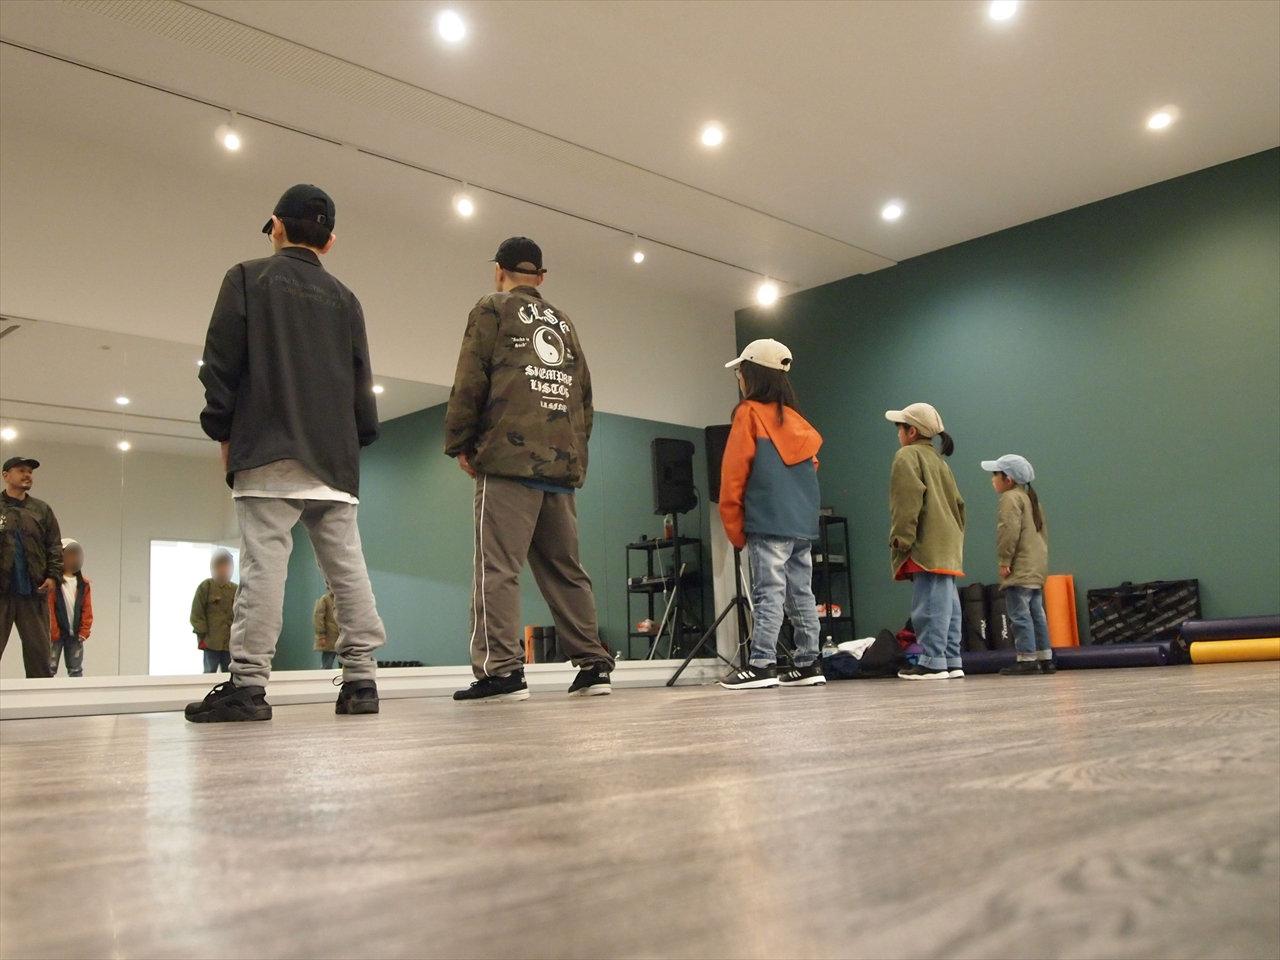 徳島県北島町 ダンススタジオ ダンススクール B.I.G(ビーアイージー) FREESTYLE 基礎 KAZU 岩佐和宏